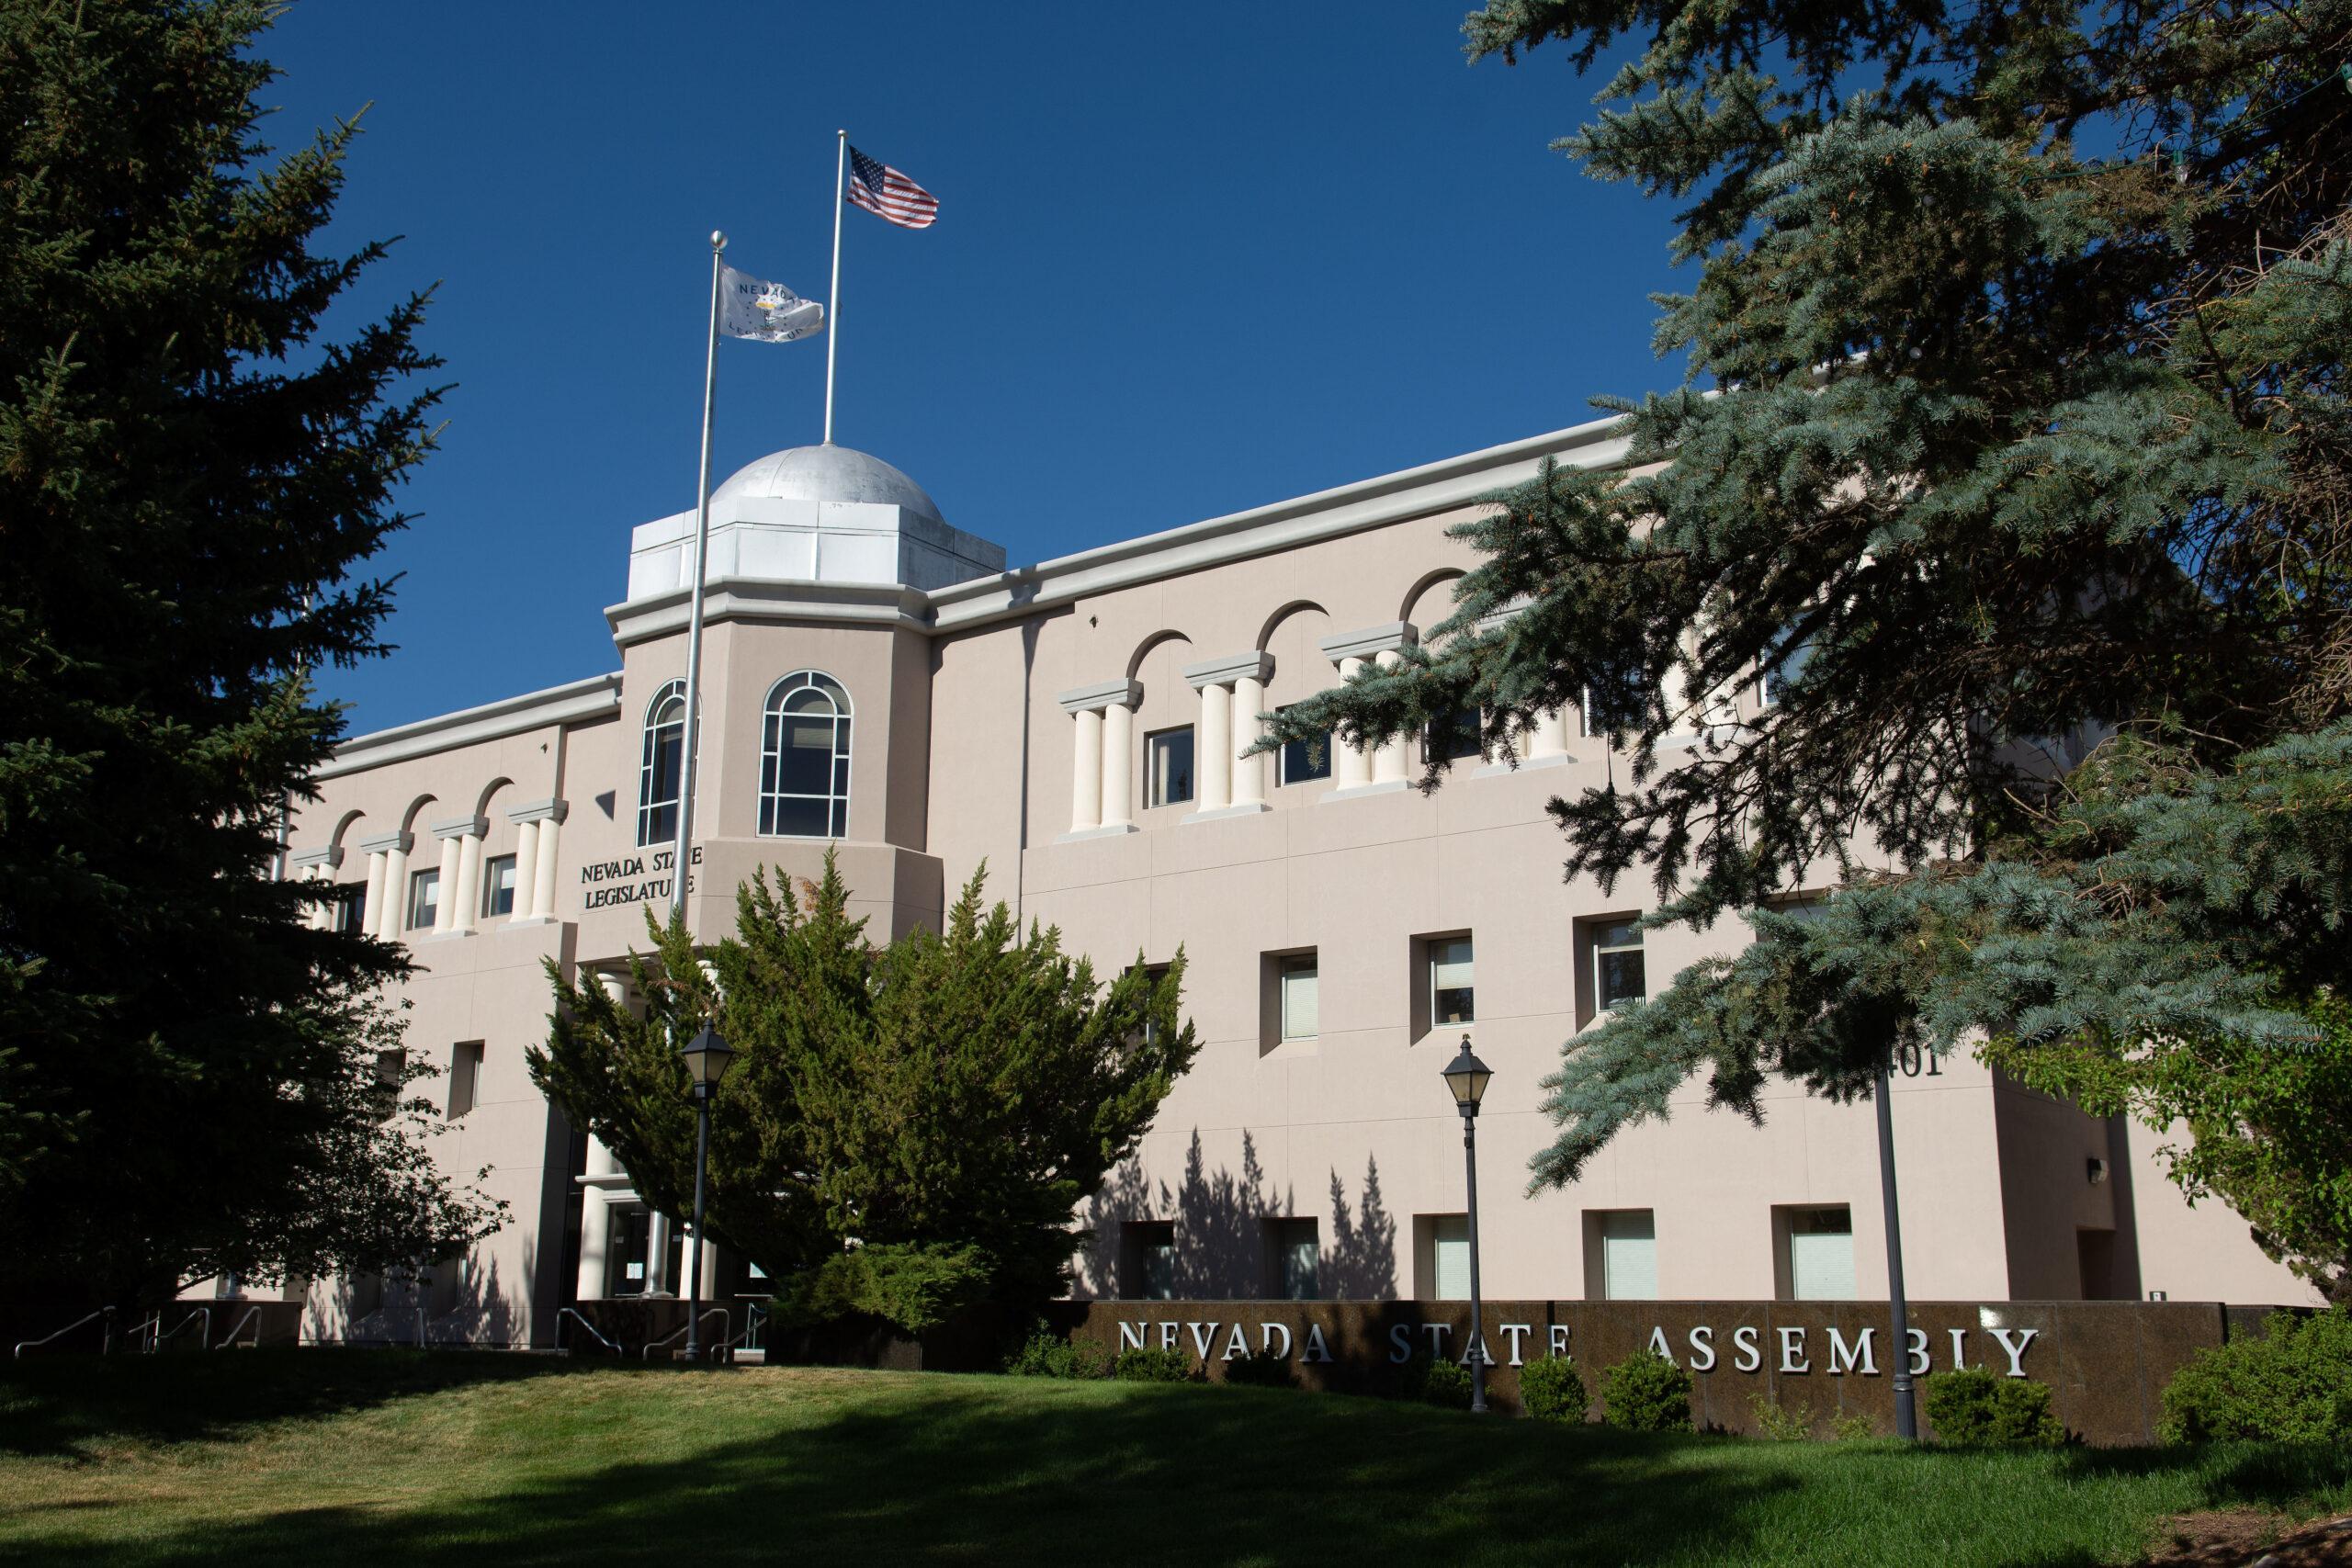 The Nevada Legislature Building